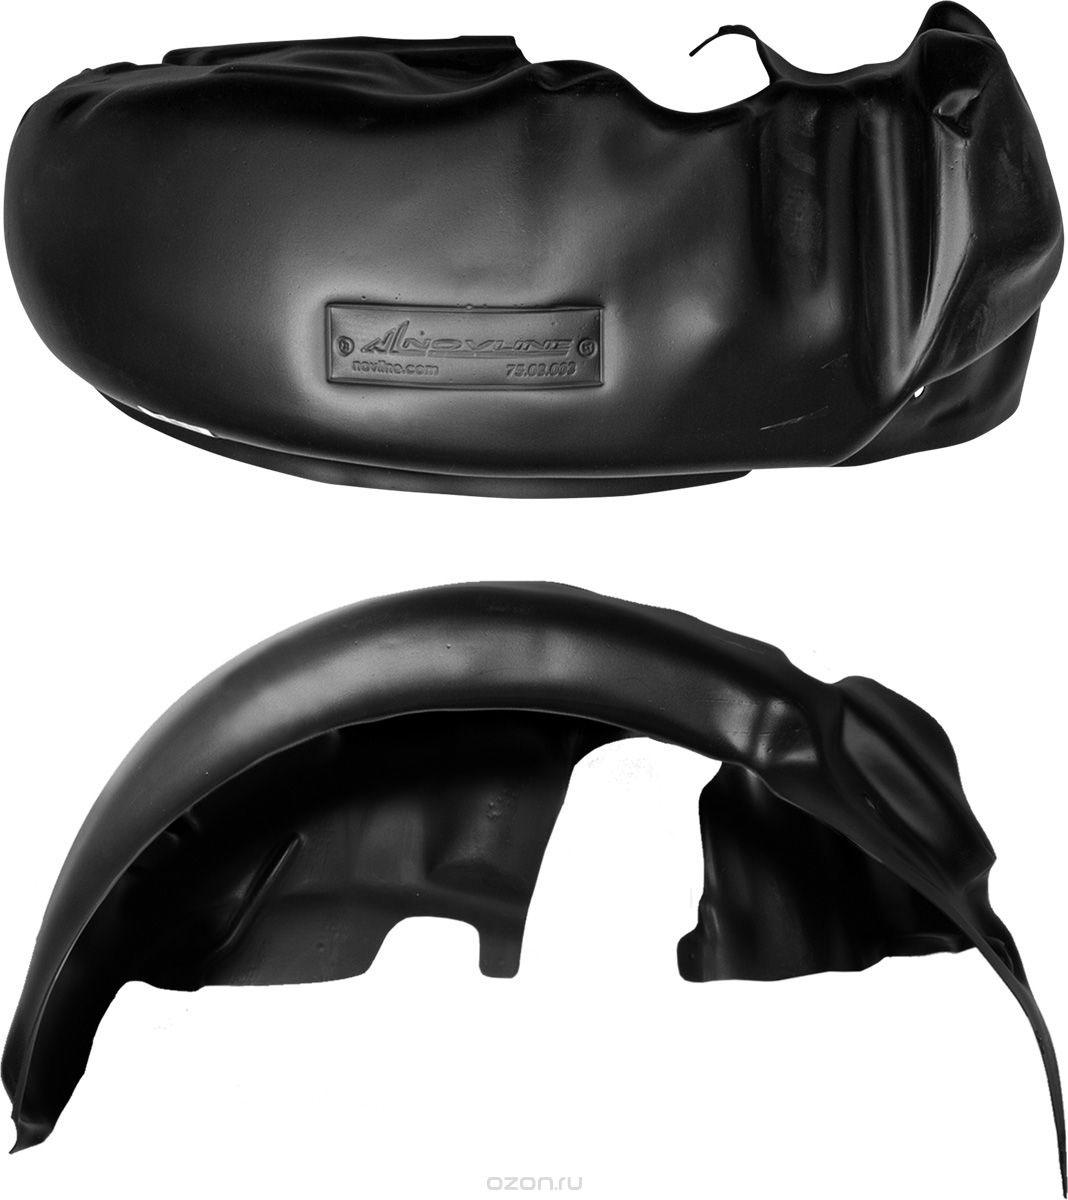 Подкрылок Novline-Autofamily, для Ford Transit, задний привод, двускат, 2014->, задний правыйNLL.16.57.004Идеальная защита колесной ниши. Локеры разработаны с применением цифровых технологий, гарантируют максимальную повторяемость поверхности арки. Изделия устанавливаются без нарушения лакокрасочного покрытия автомобиля, каждый подкрылок комплектуется крепежом. Уважаемые клиенты, обращаем ваше внимание, что фотографии на подкрылки универсальные и не отражают реальную форму изделия. При этом само изделие идет точно под размер указанного автомобиля.